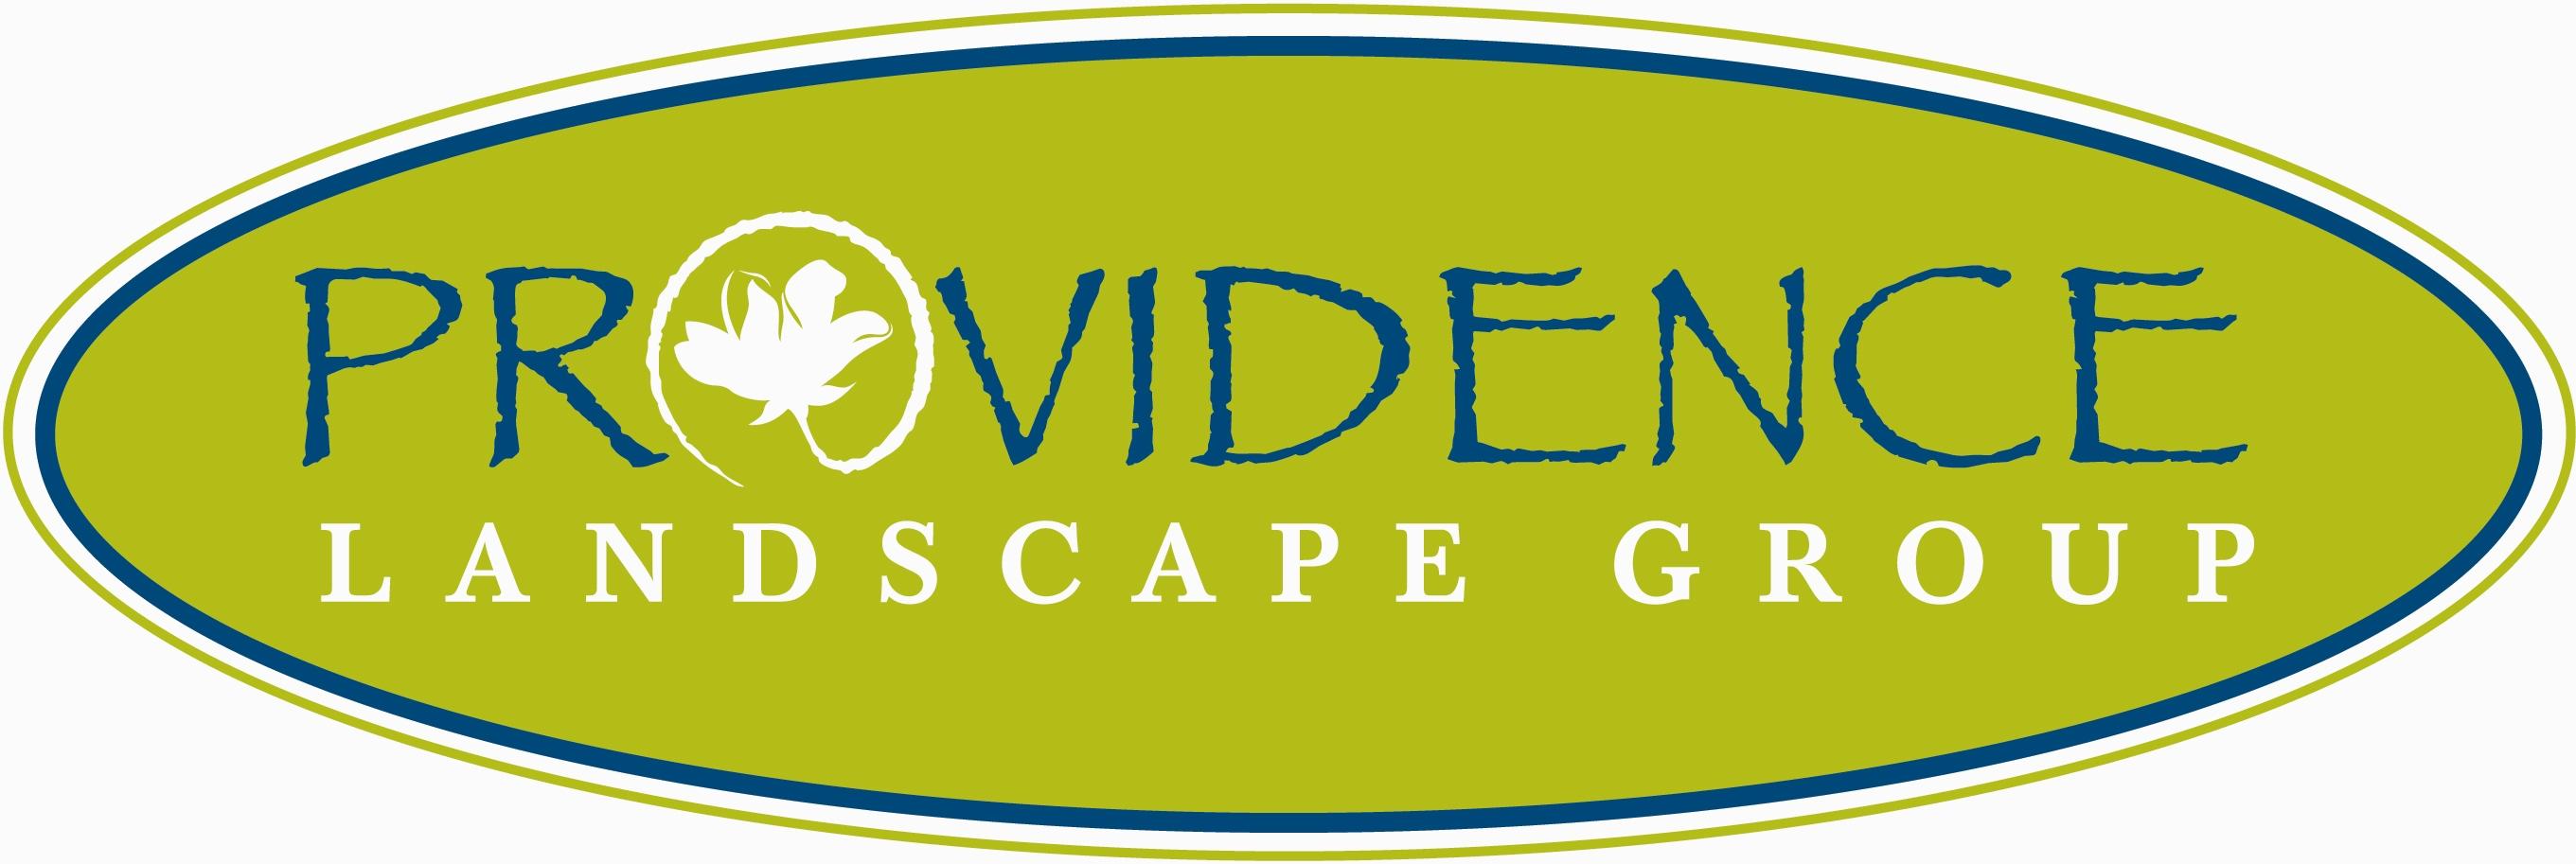 Providence Landscape Group